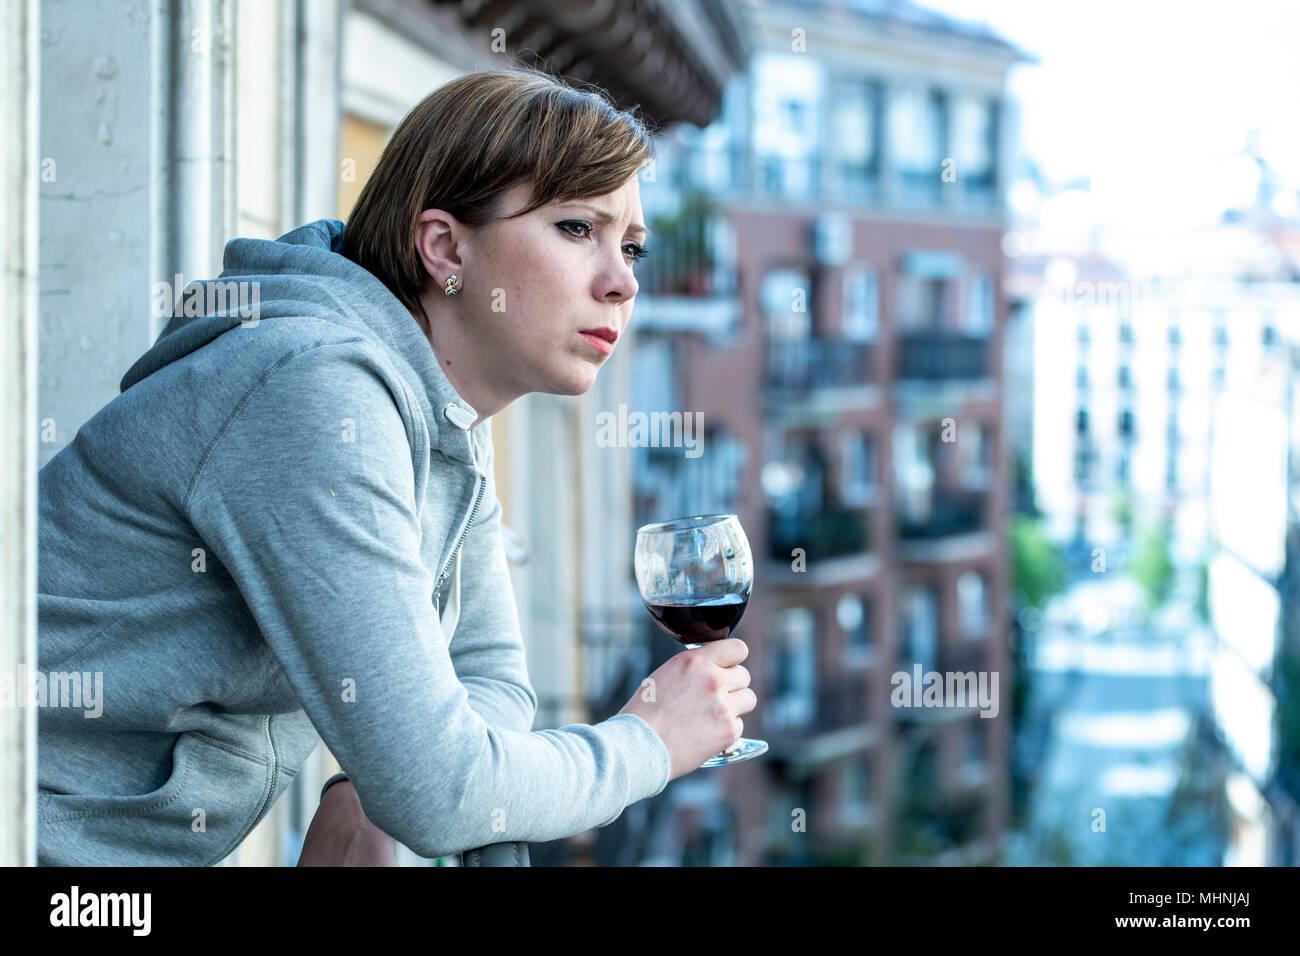 Hermoso color rojo pelirroja mujer caucásica sufre depresión sosteniendo un vaso de vino en el balcón de la casa. Mirando por sentimientos de tristeza, dolor y aflicción. Imagen De Stock